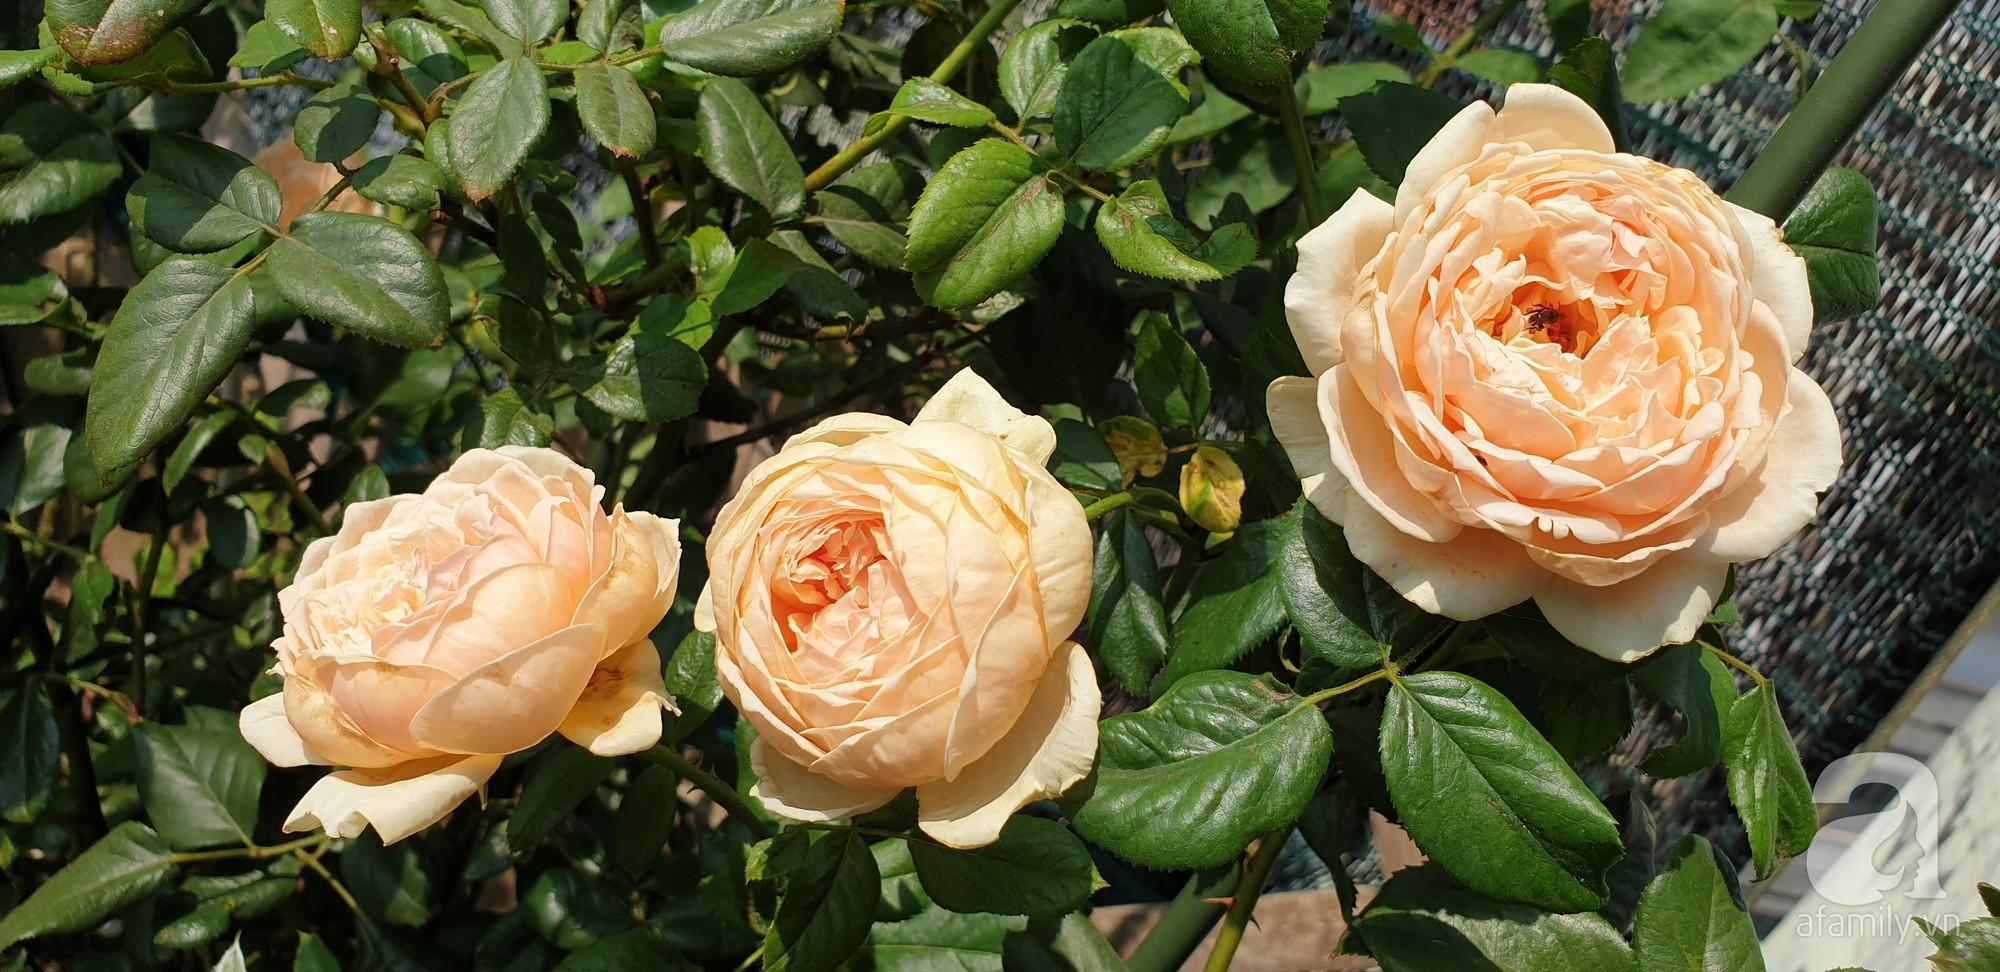 Vườn hồng trên sân thượng rực rỡ sắc màu của chàng trai 8x siêu đảm ở Sài Gòn - Ảnh 10.